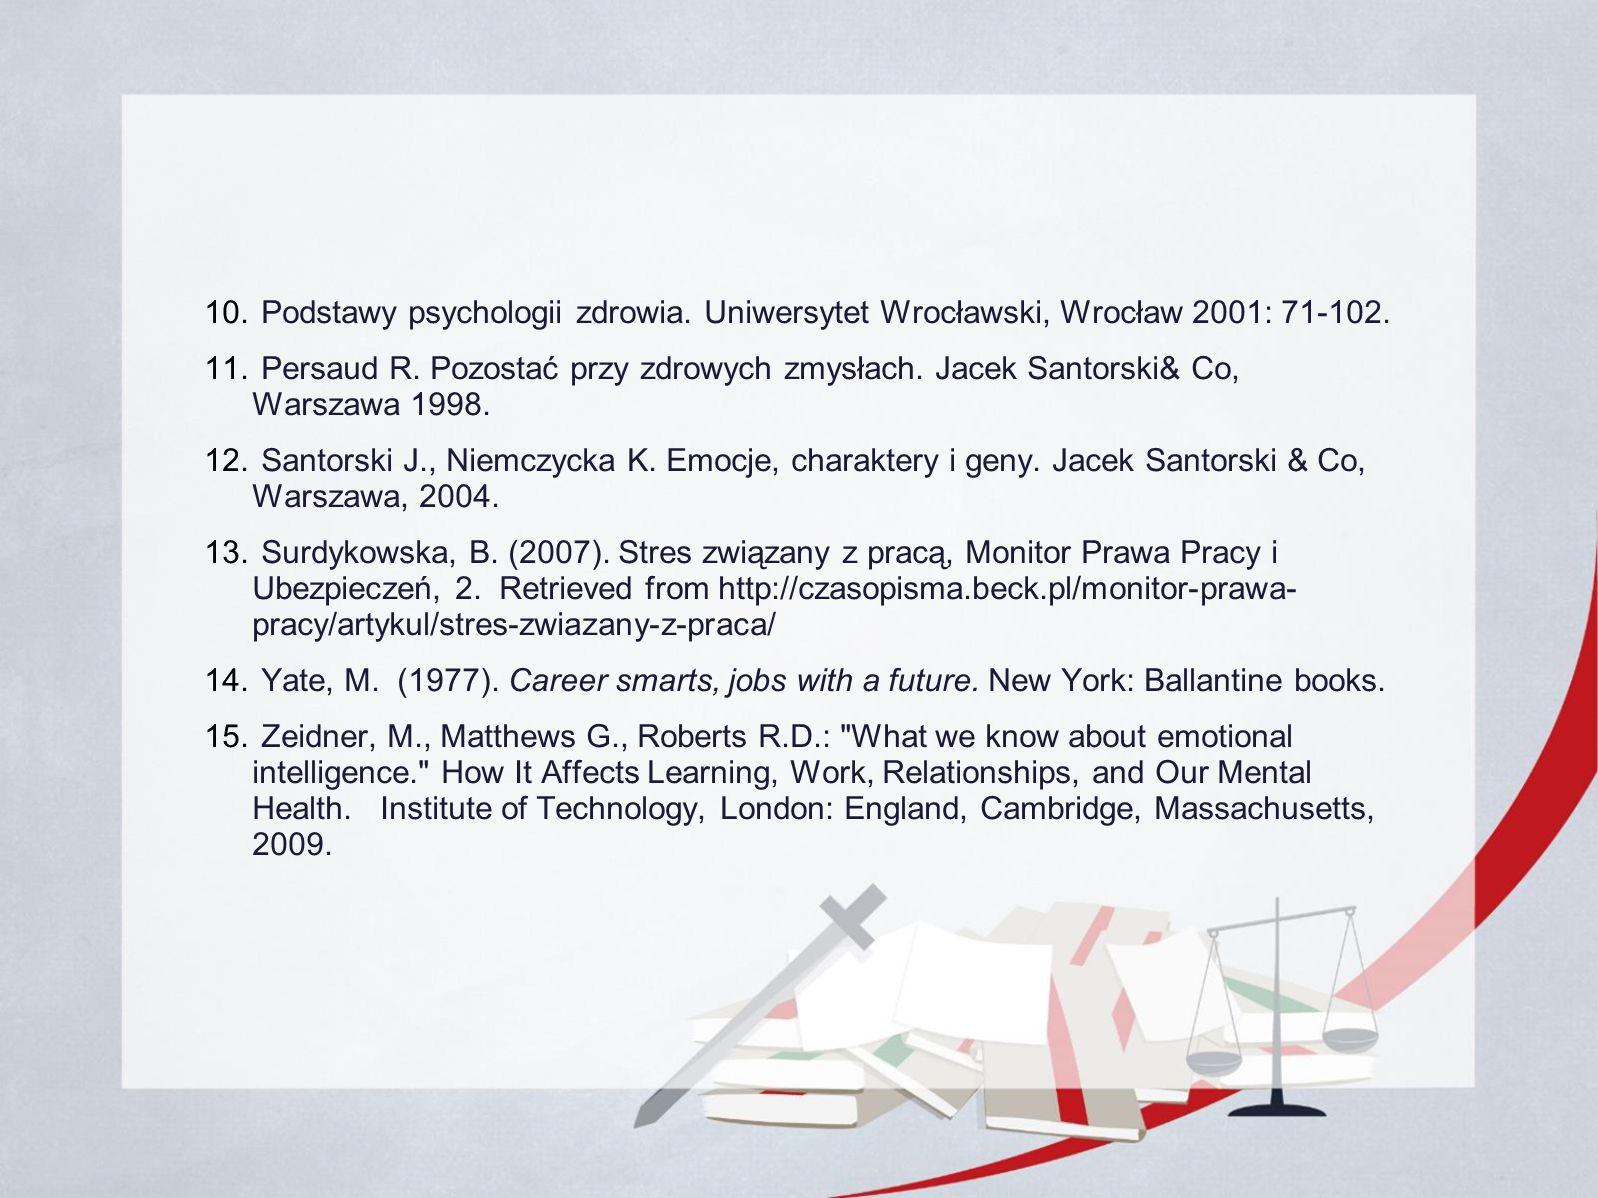 10. Podstawy psychologii zdrowia. Uniwersytet Wrocławski, Wrocław 2001: 71-102.